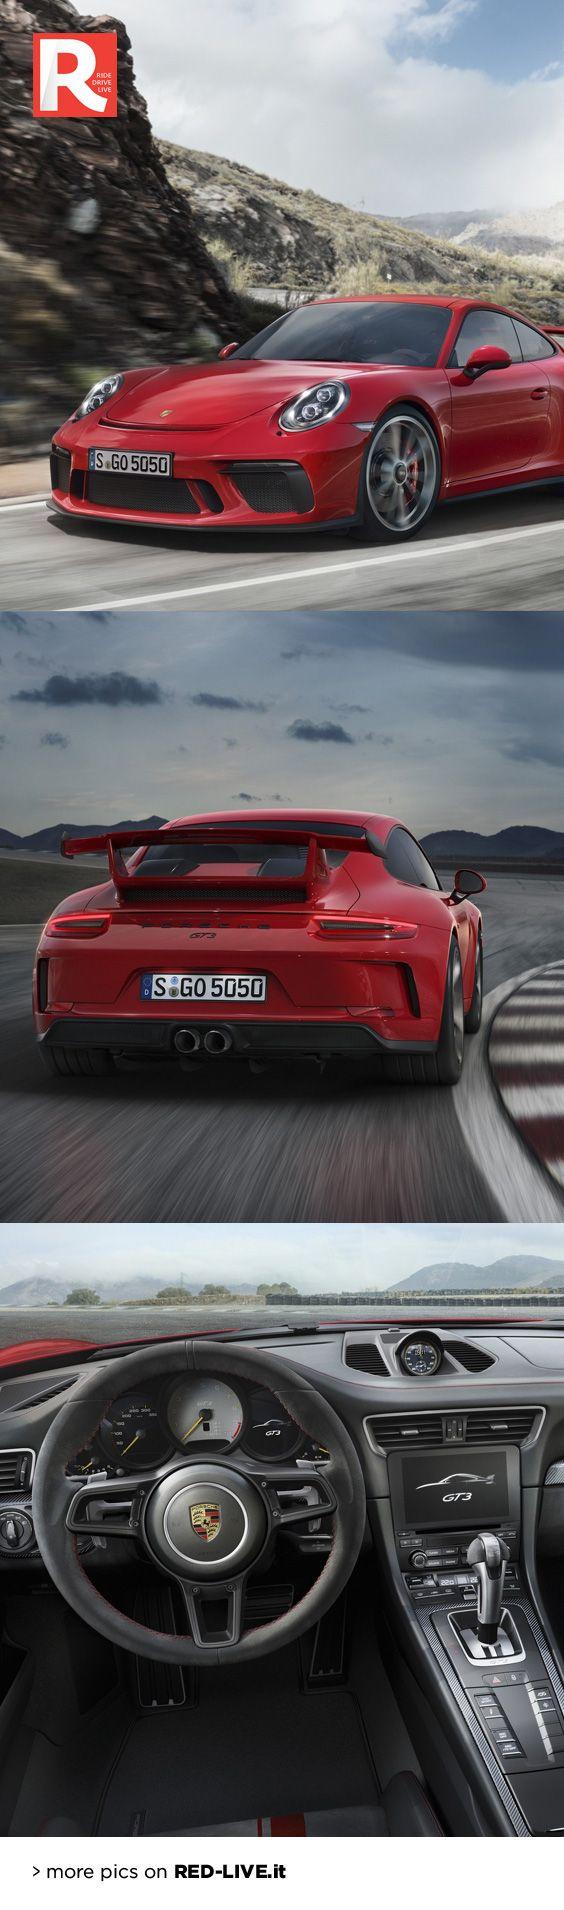 Porsche 911 GT3 MY17: tra pista e strada -  Debutta a Ginevra la versione GT3 basata sulla 911 restyling. Il 6 cilindri boxer passa da 3,8 a 4,0 litri così da erogare 500 cv e portare in dote uno scatto da 0 a 100 km/h in 3,4 secondi. Rientra in gamma il cambio manuale...